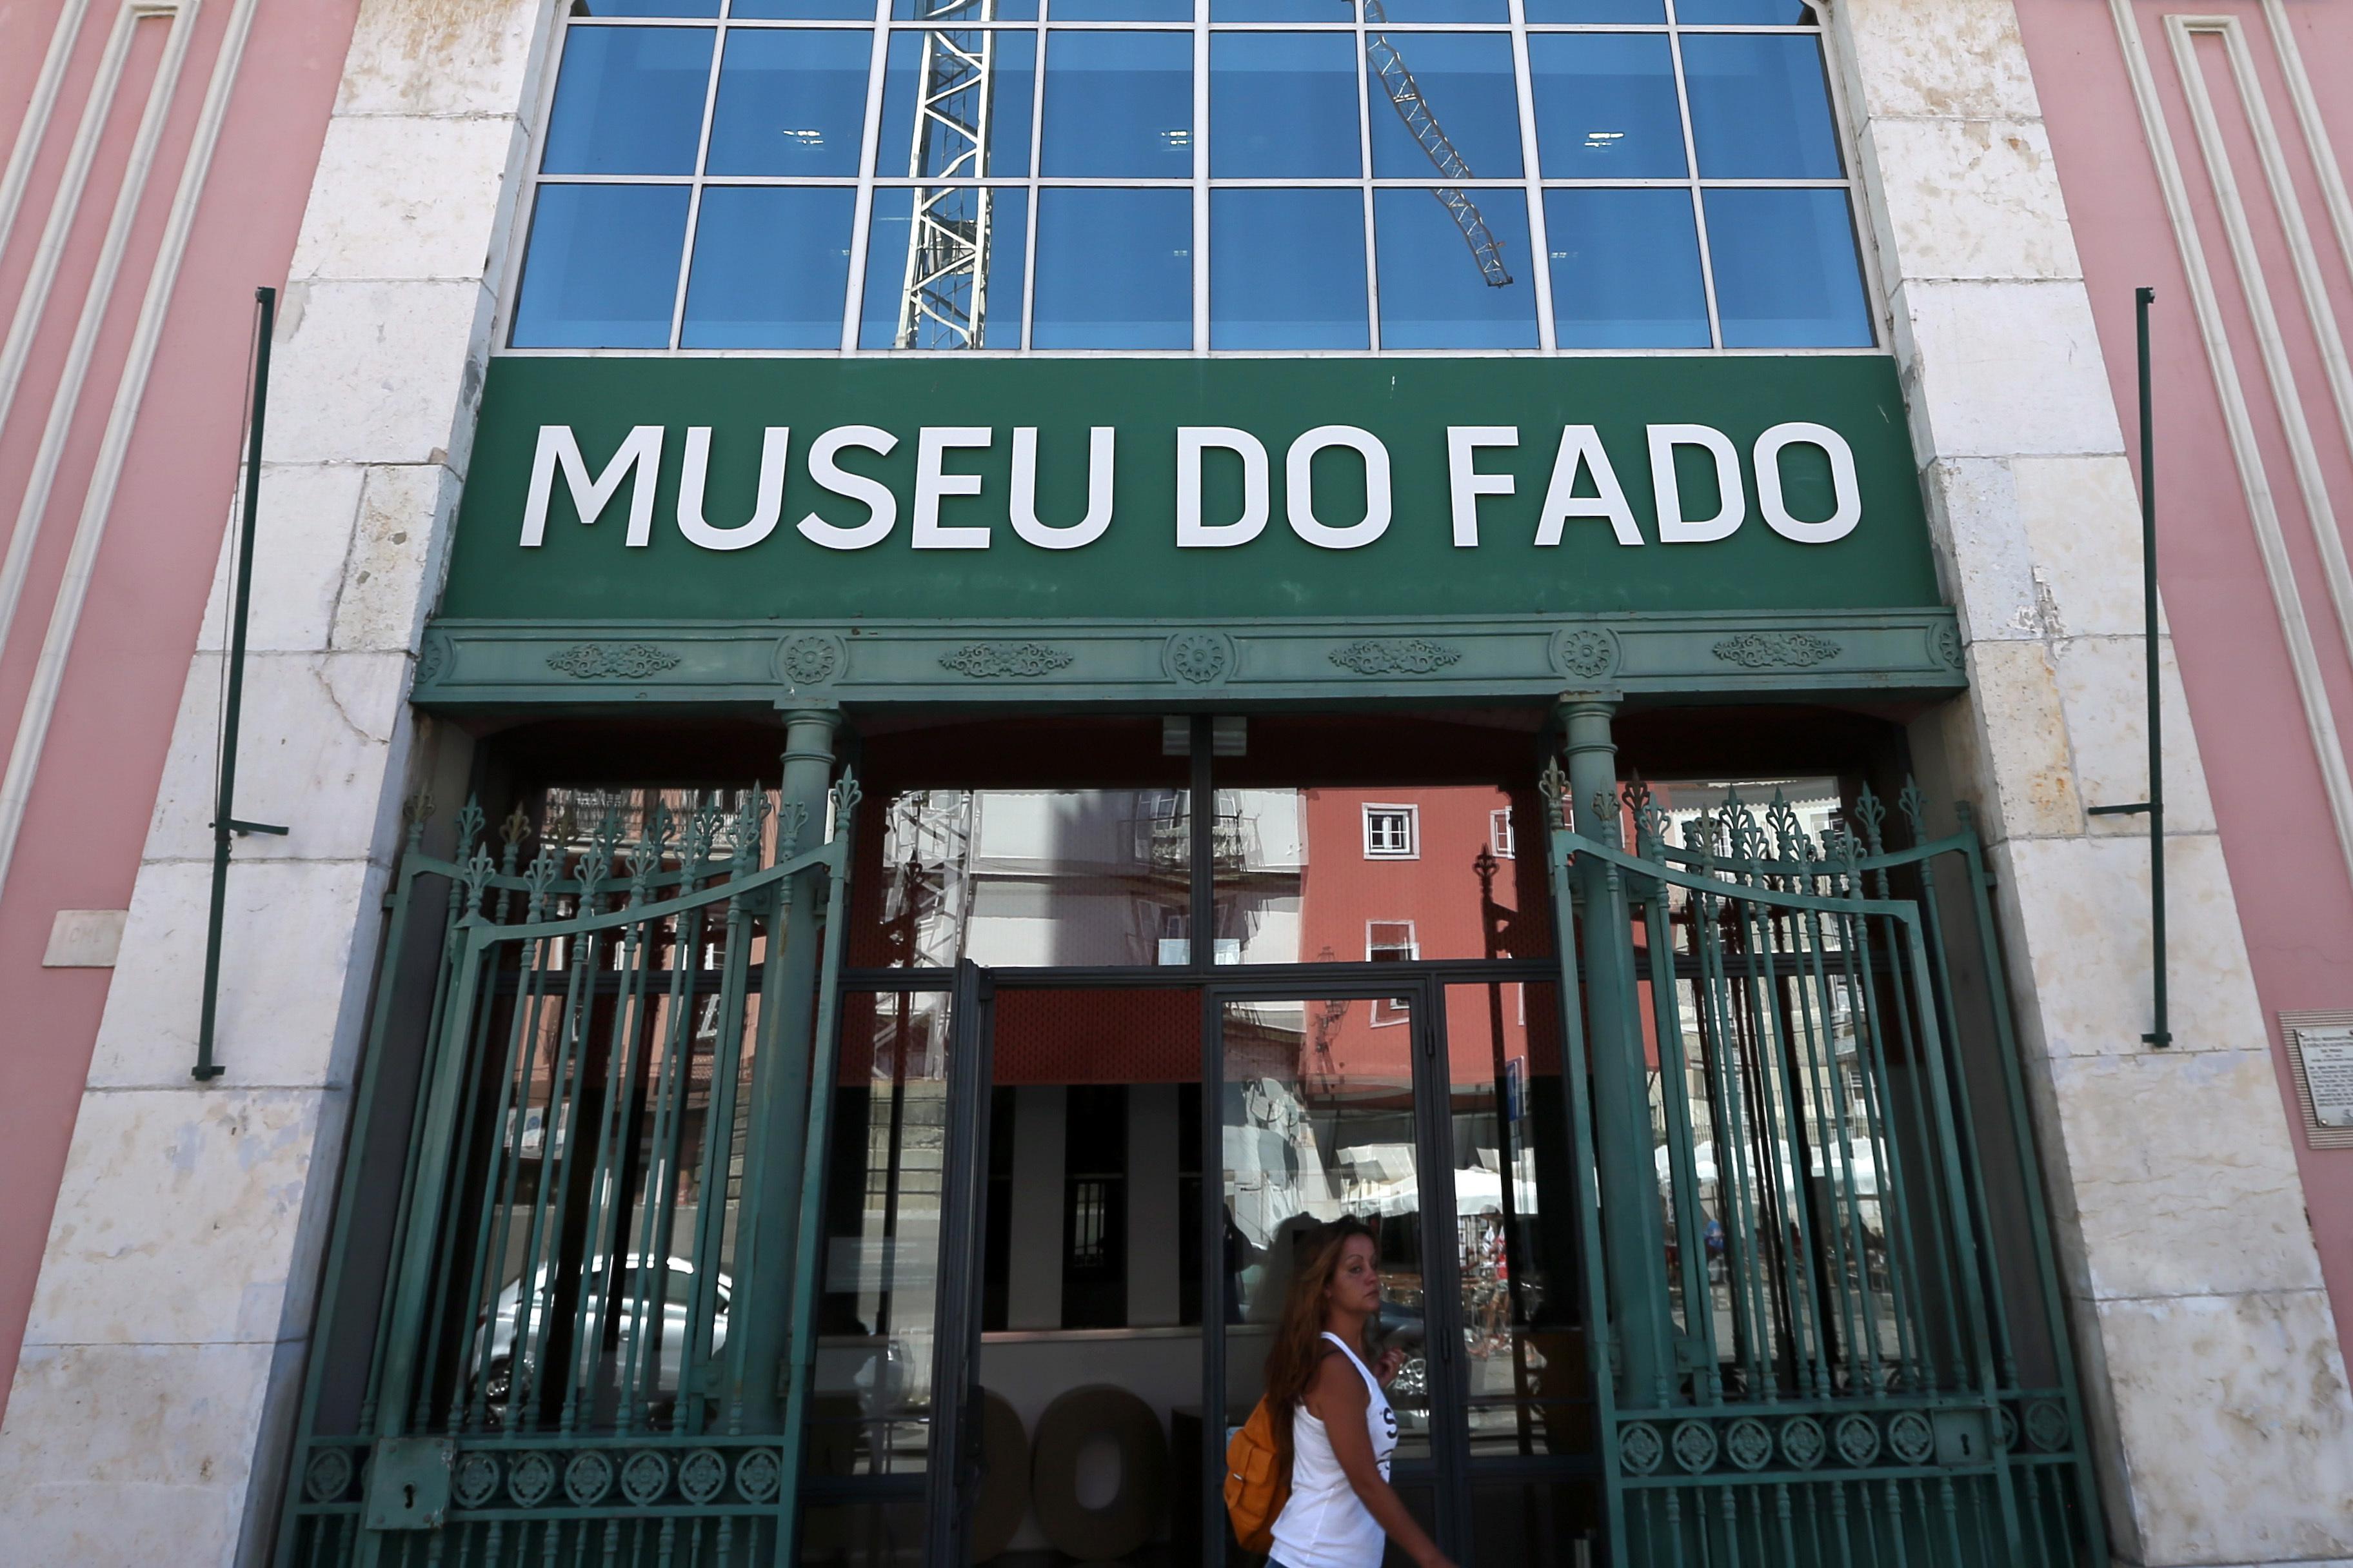 Museu do Fado reabre na quarta-feira com entrada limitada a um máximo de cinco visitantes